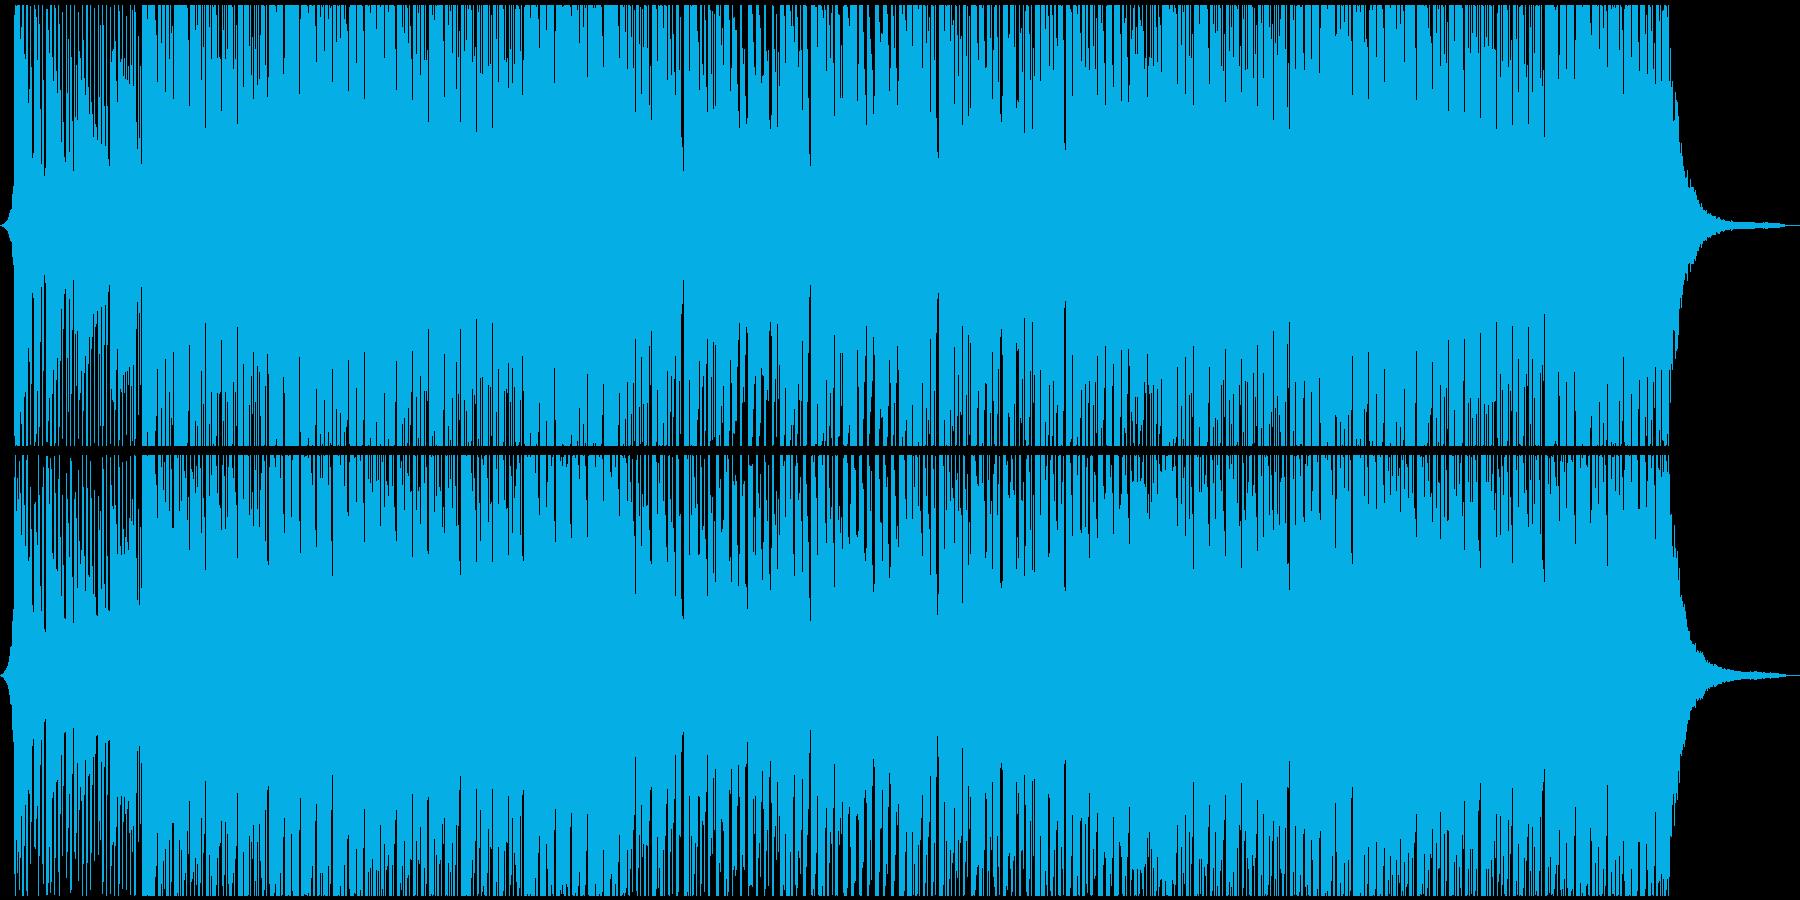 和の雰囲気を取り入れた4つ打ち楽曲の再生済みの波形